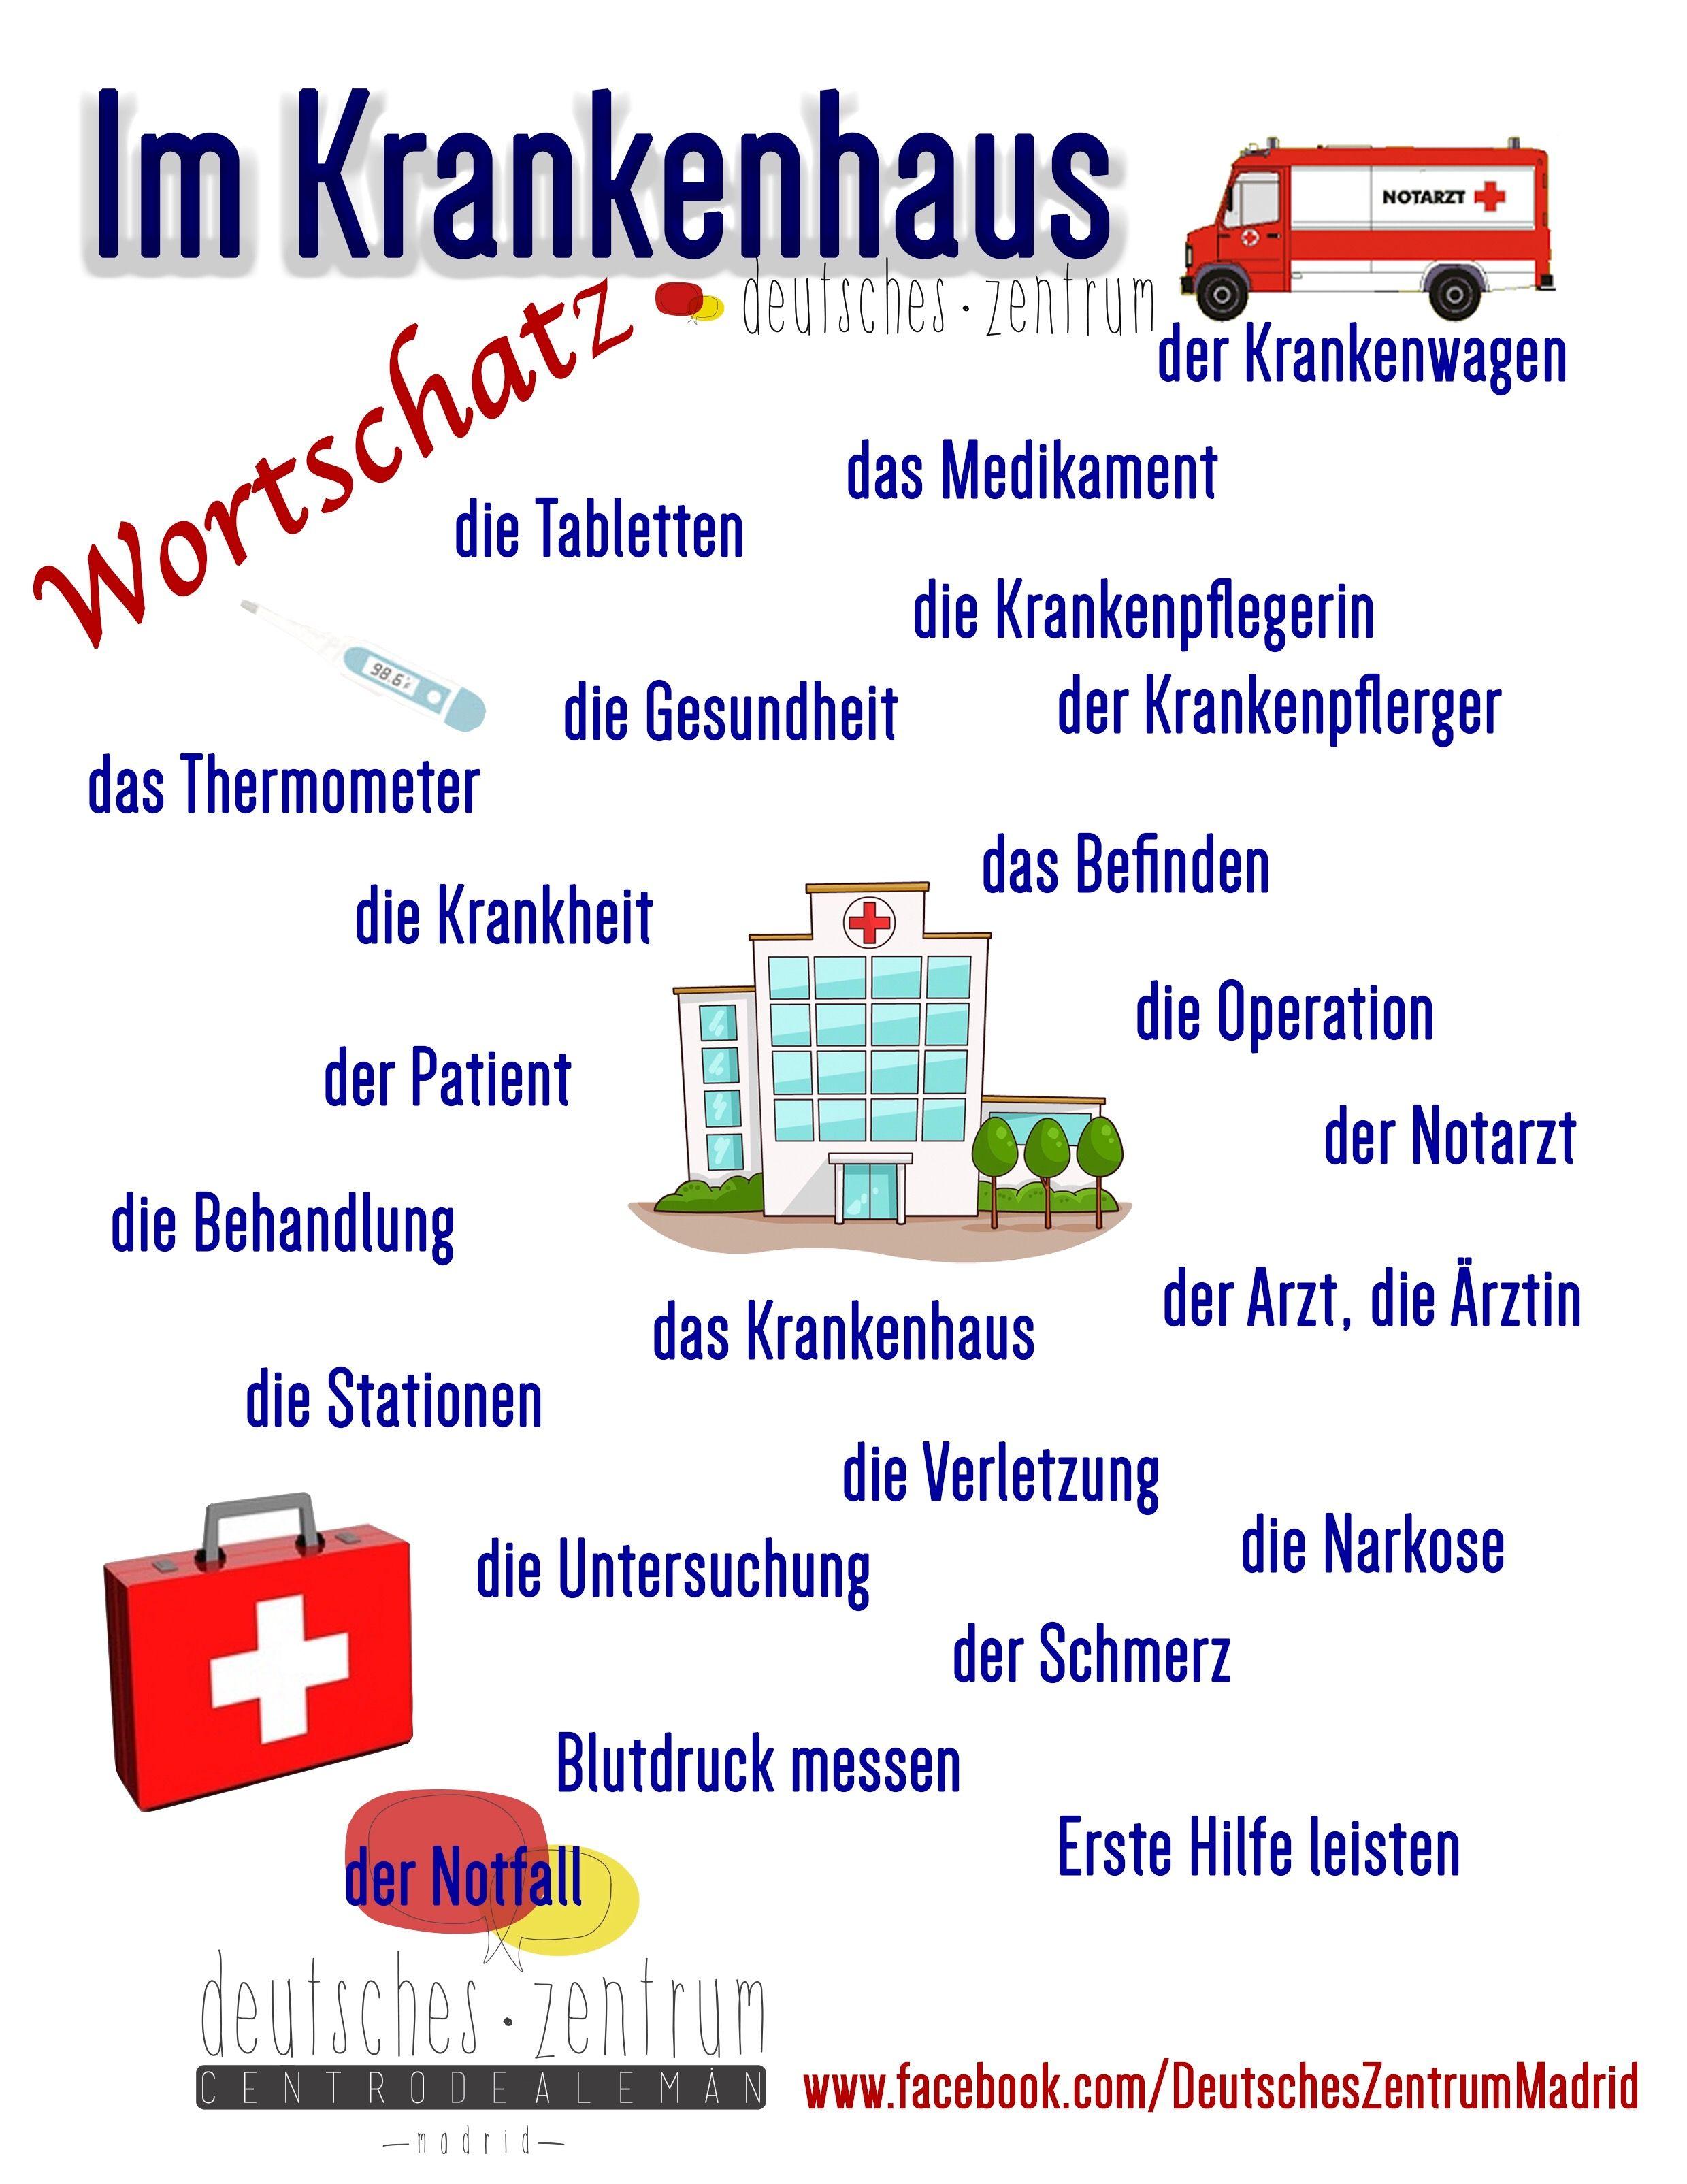 7 ways to a german language muscles of inhalation and exhalation diagram krankenhaus deutsch wortschatz grammatik